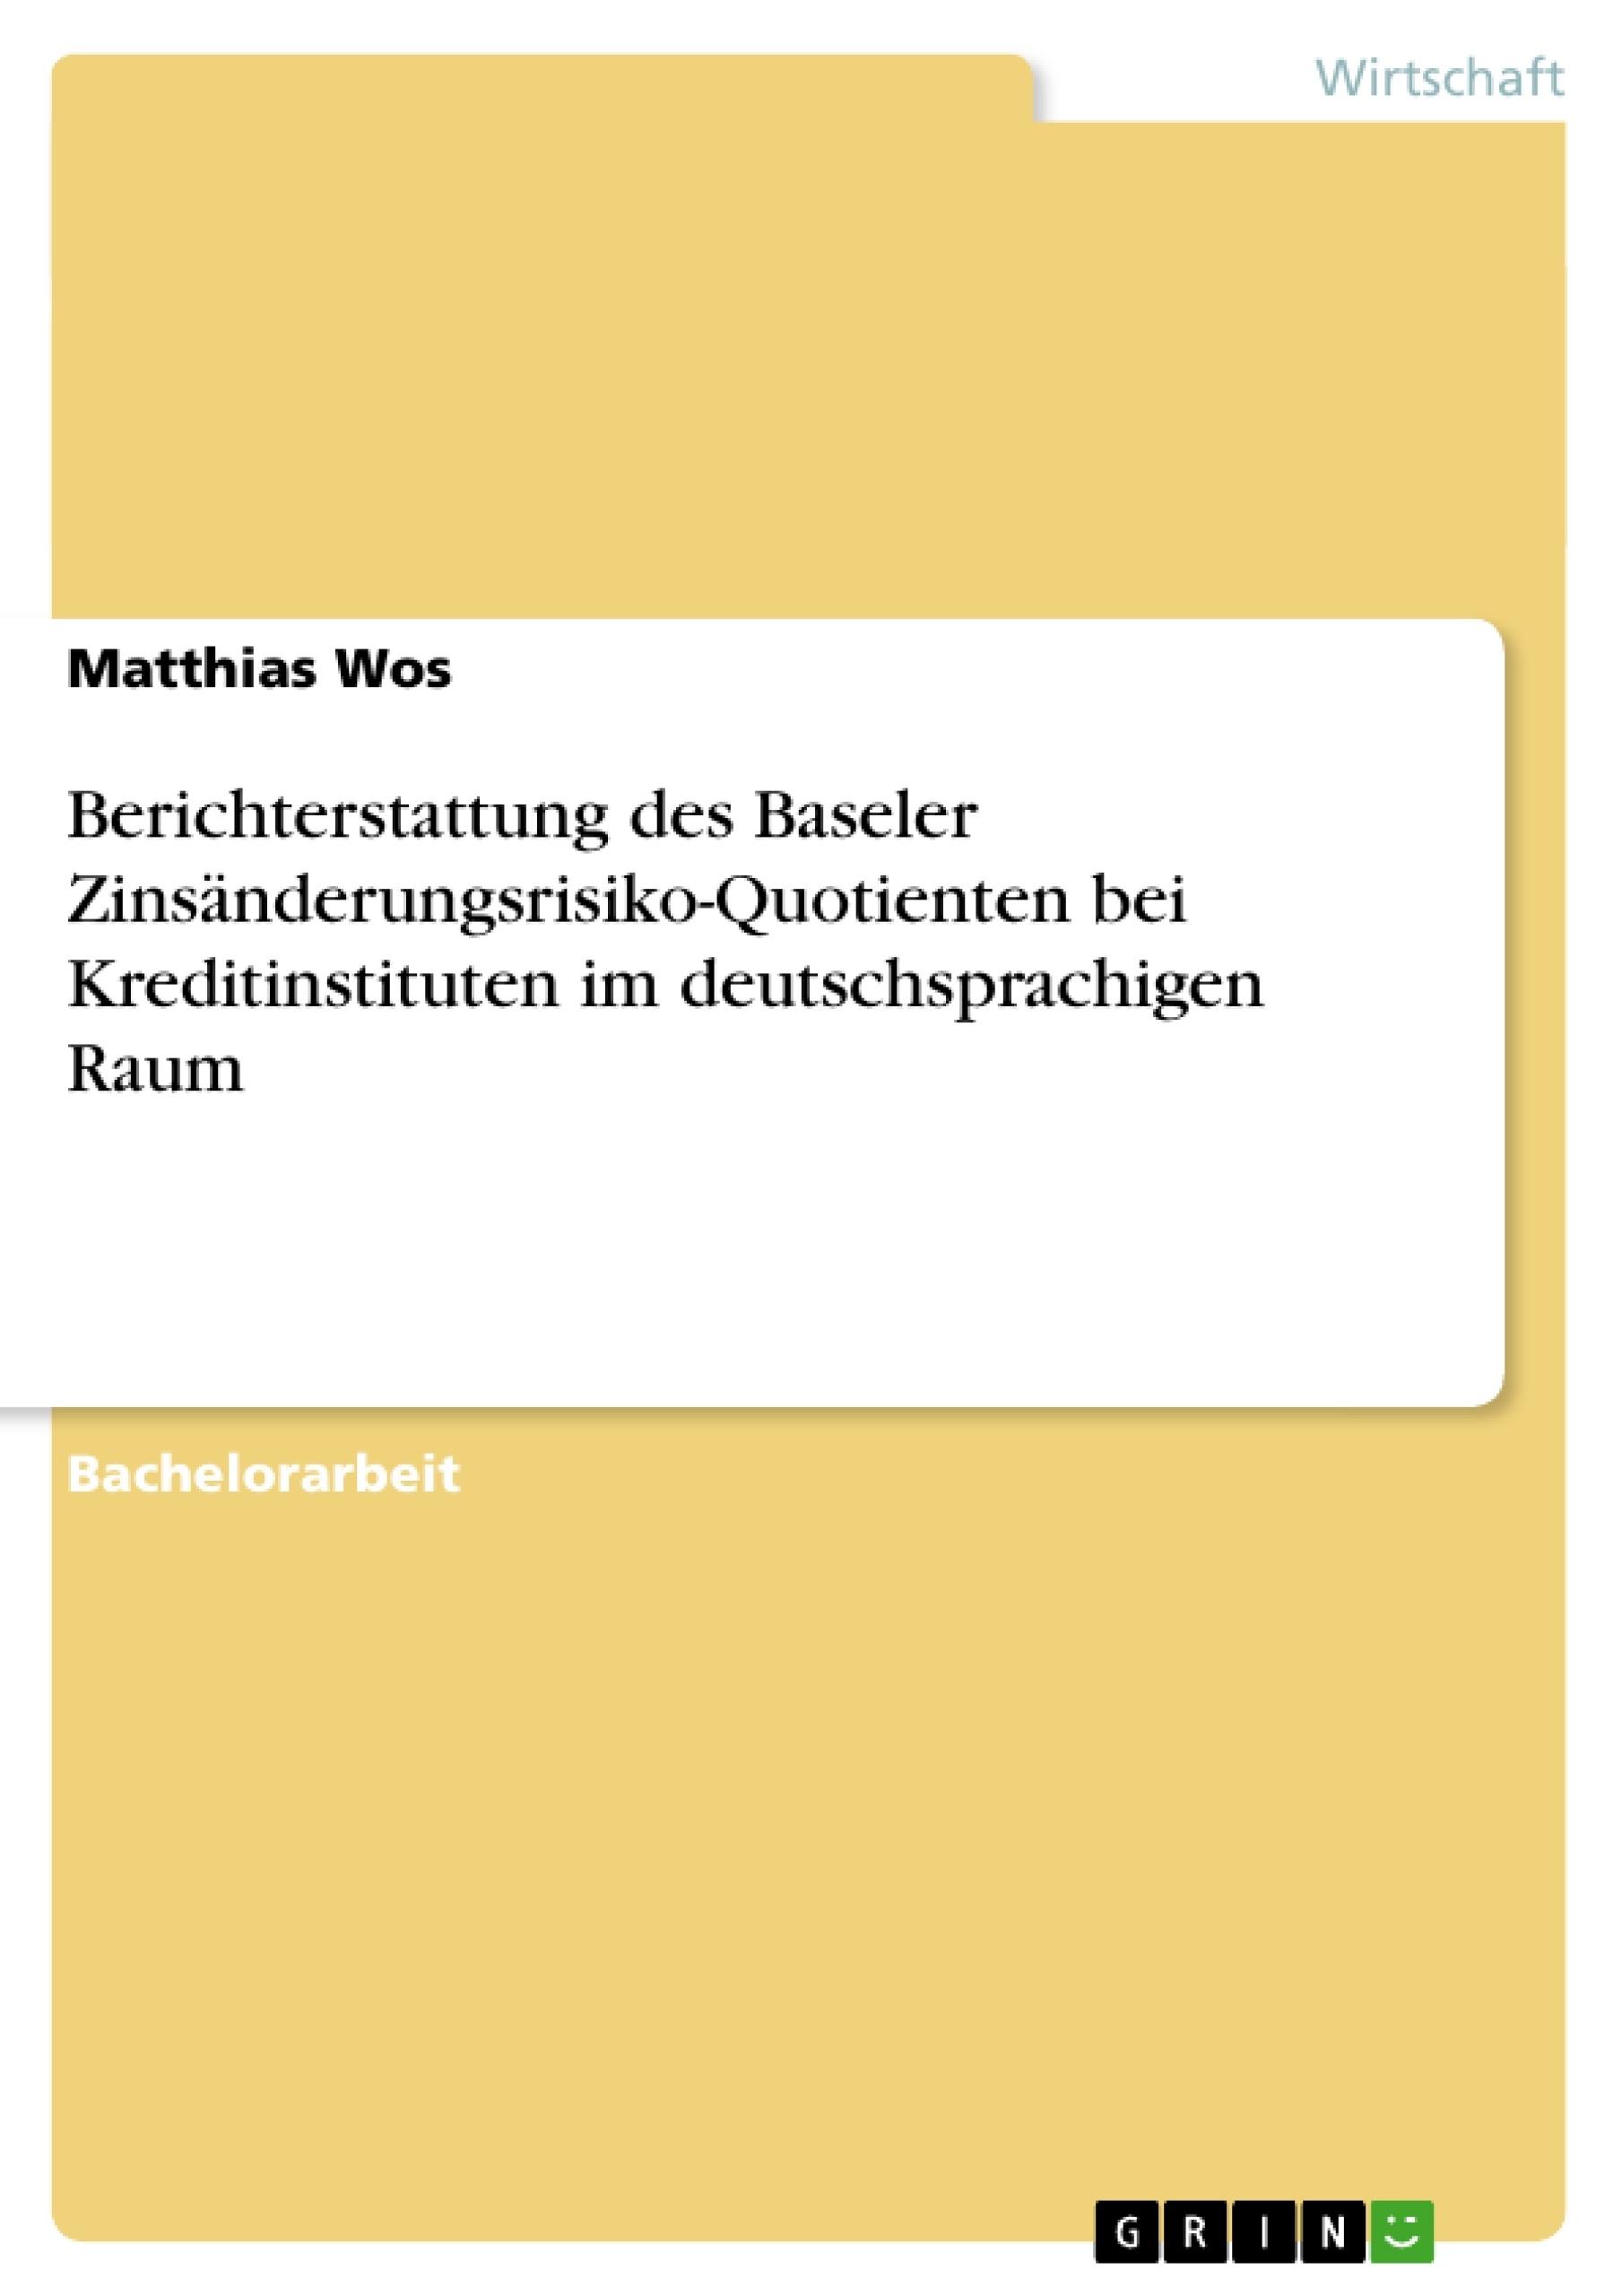 Titel: Berichterstattung des Baseler Zinsänderungsrisiko-Quotienten bei Kreditinstituten im deutschsprachigen Raum